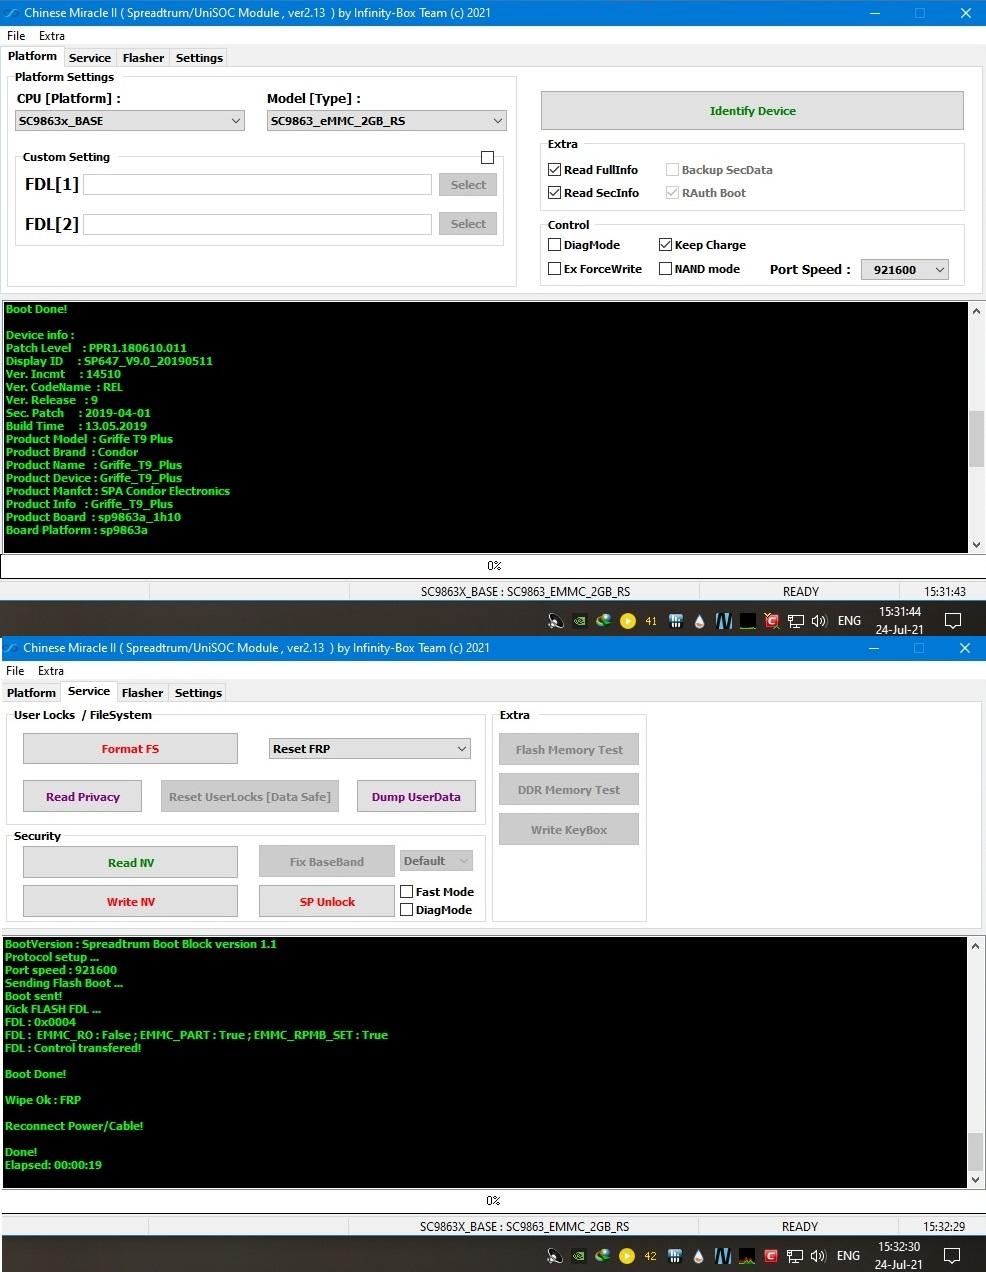 شرح تصليح البوت (Boot Repair) لـSamsung Galaxy S4 I9500